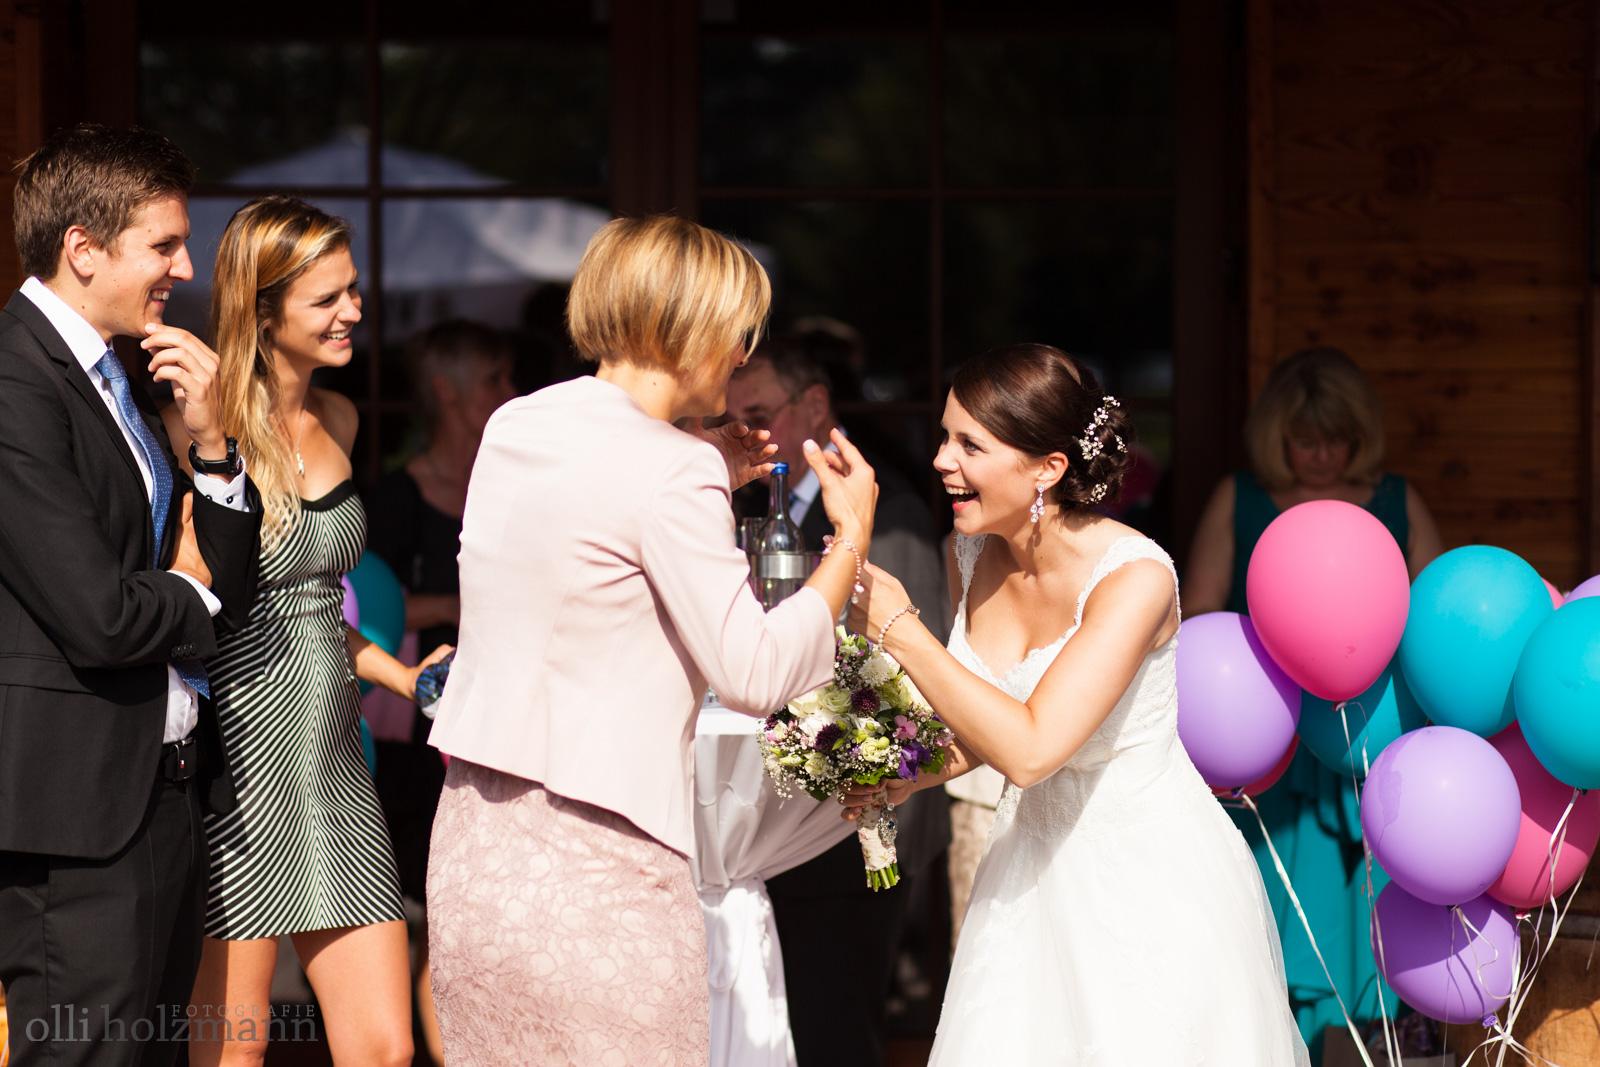 Hochzeitsfotograf_Sonsbeck-69.jpg